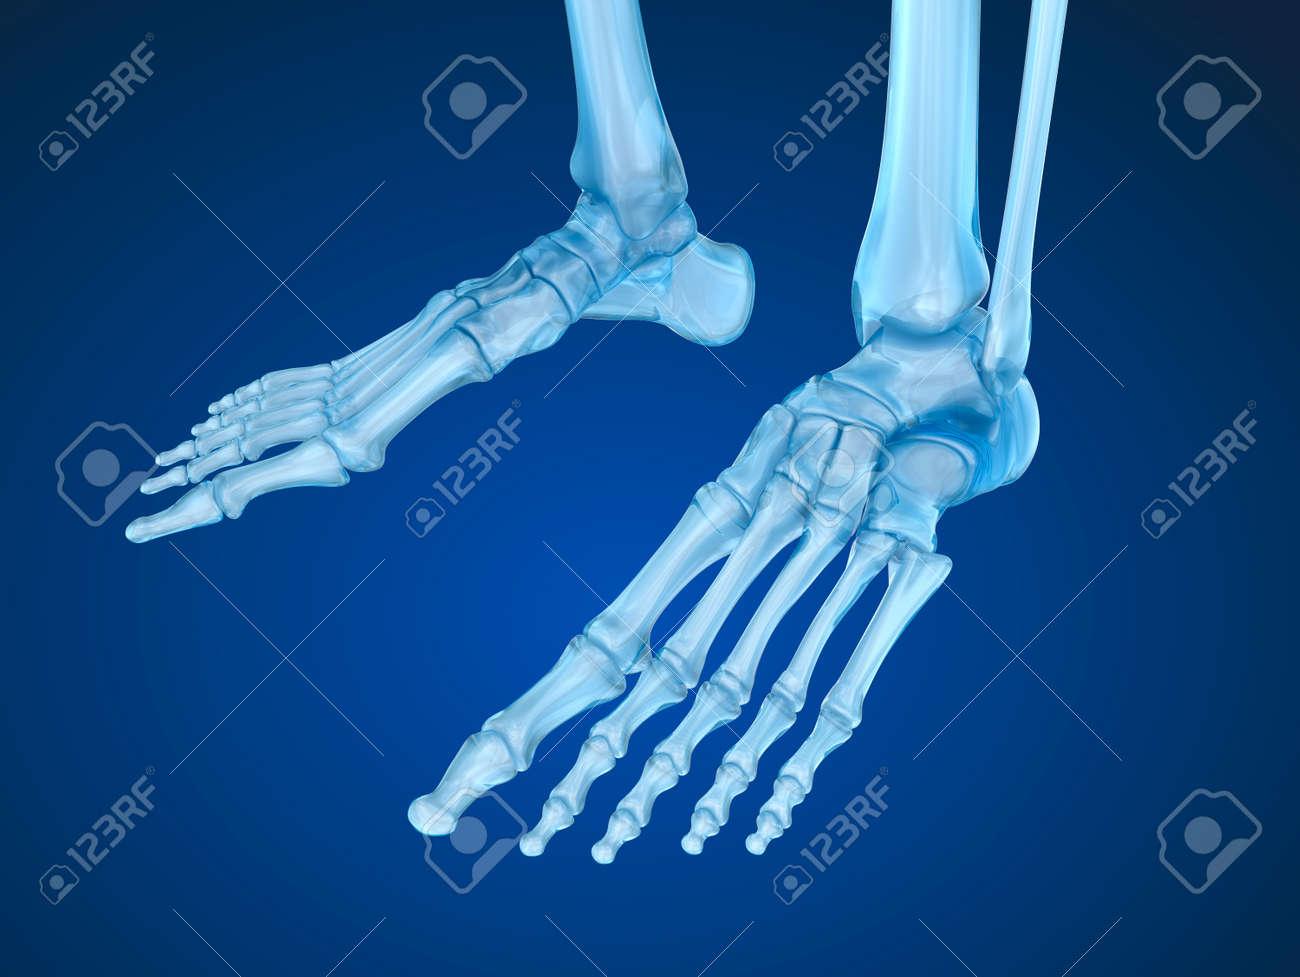 Pies Del Esqueleto, Ilustración Médica Precisa En 3D Fotos, Retratos ...